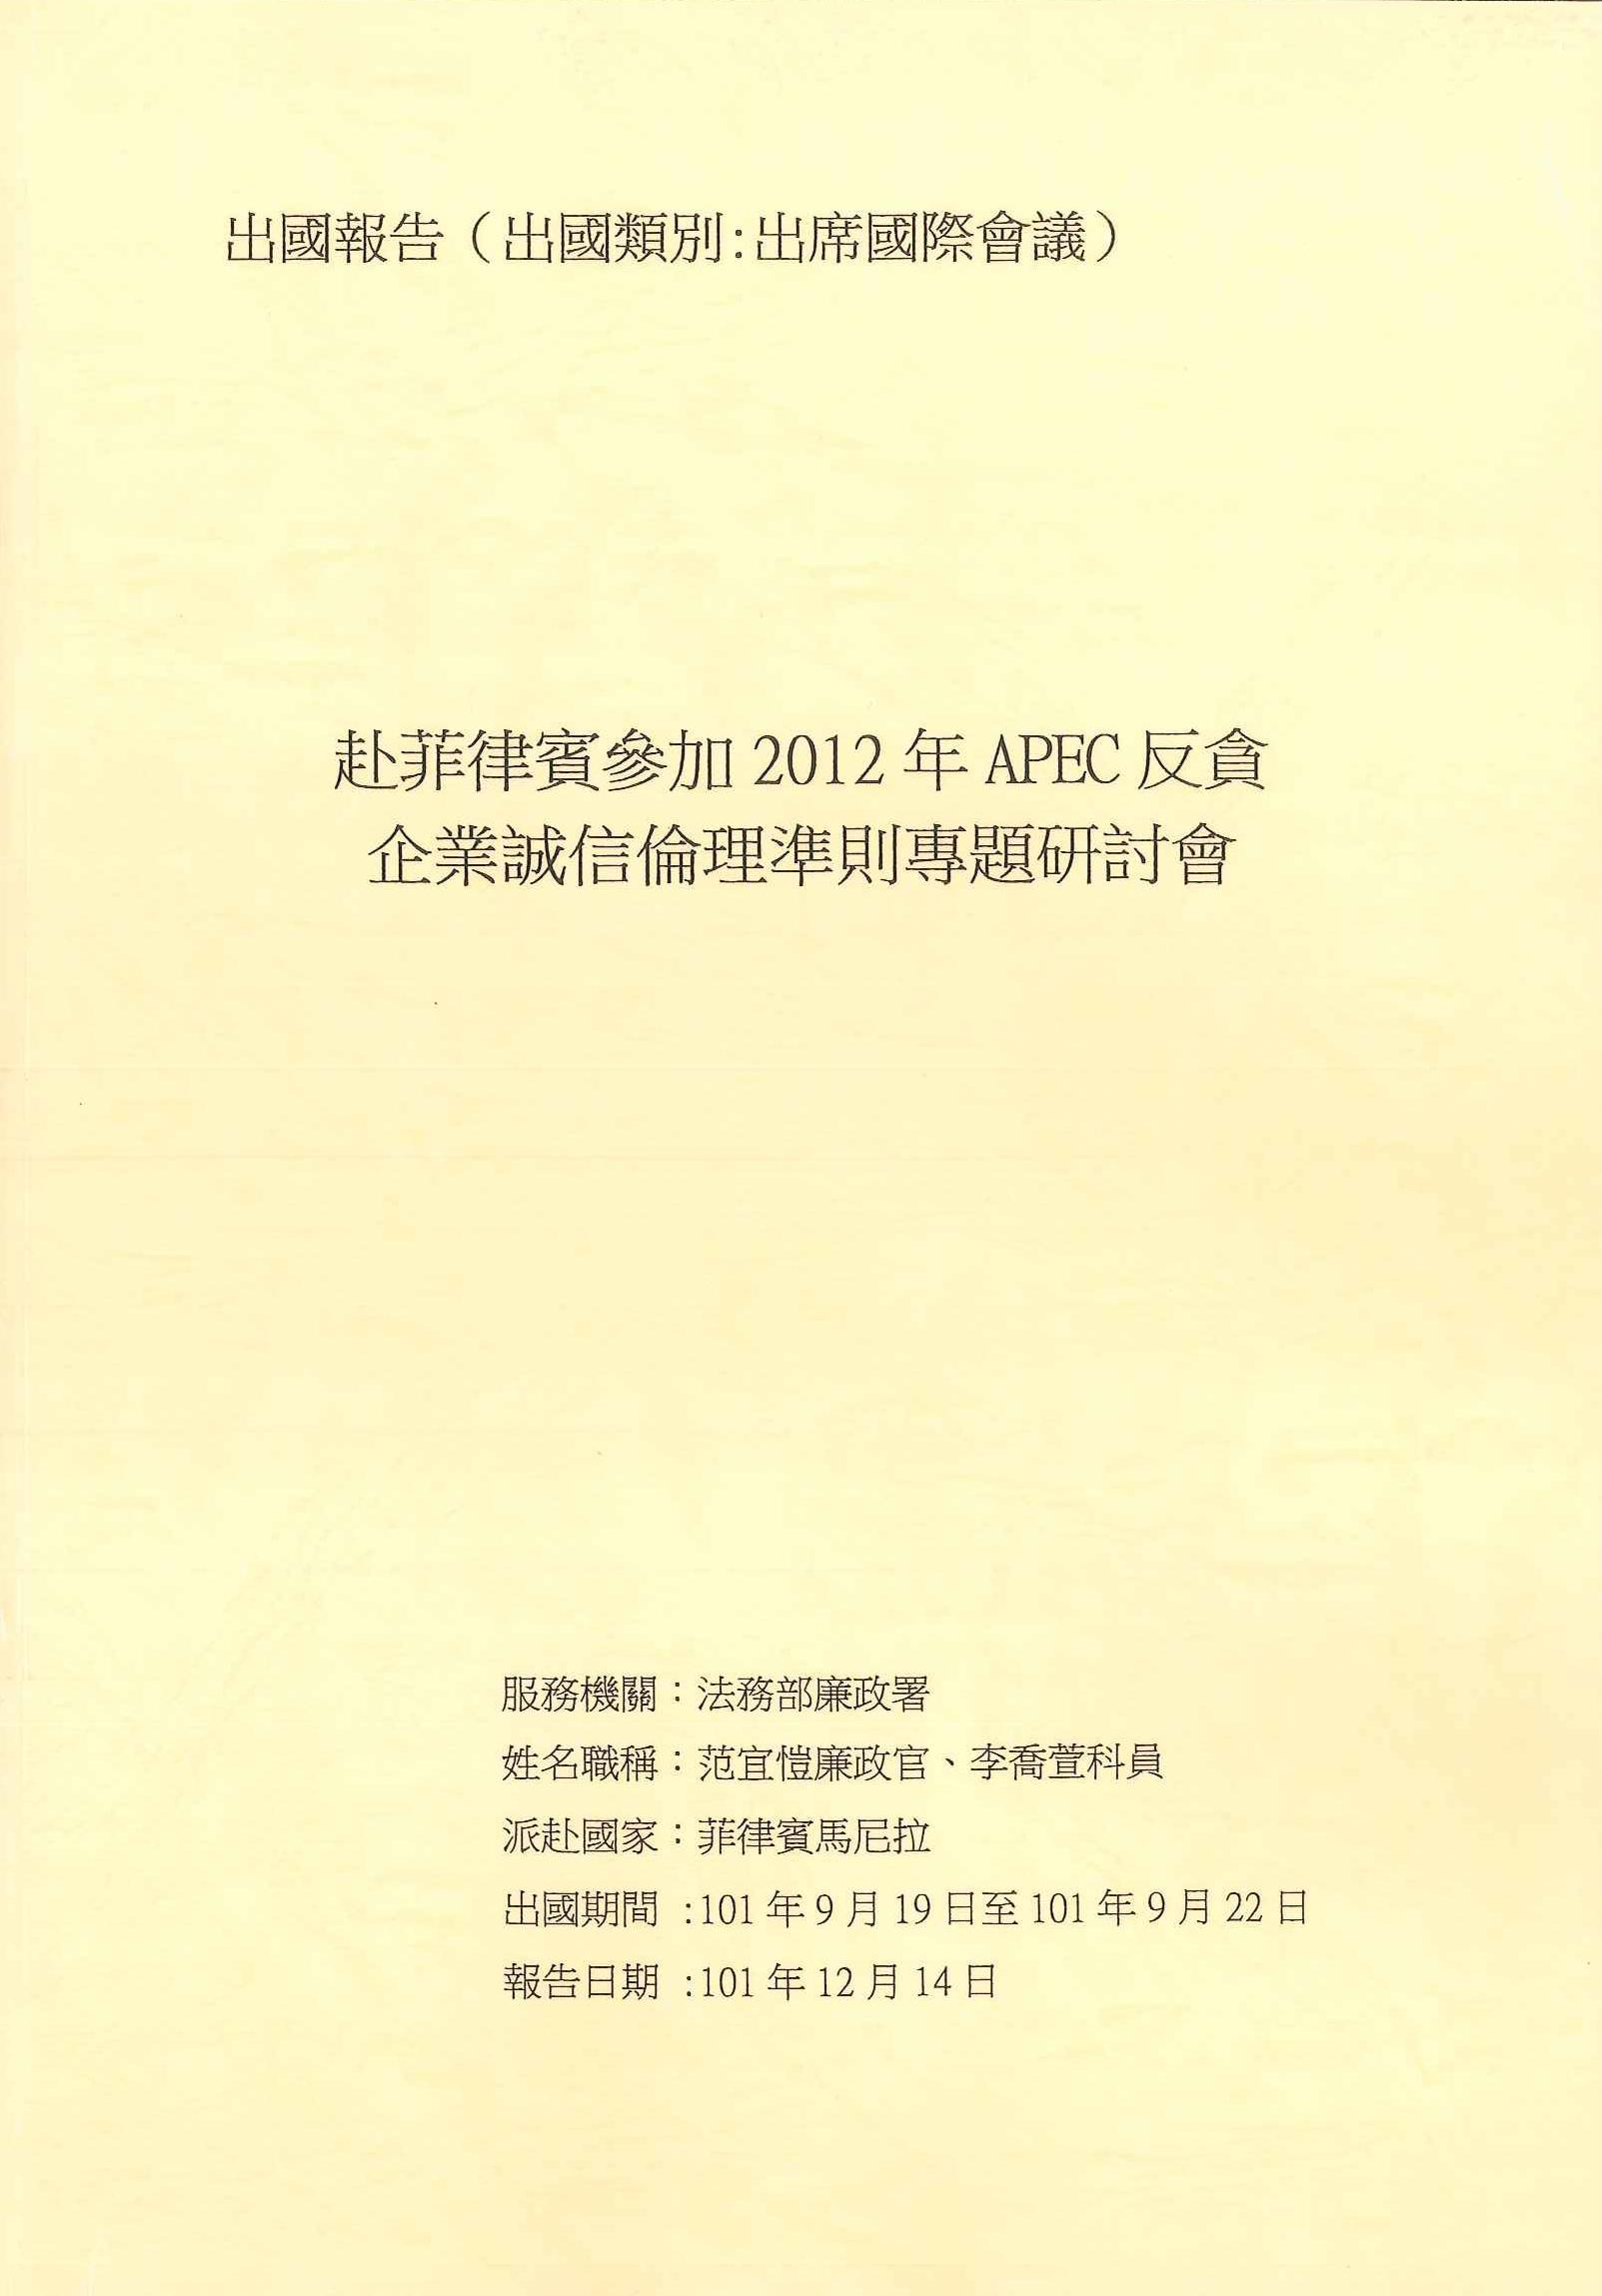 赴菲律賓參加2012年APEC反貪企業誠信倫理準則專題研討會